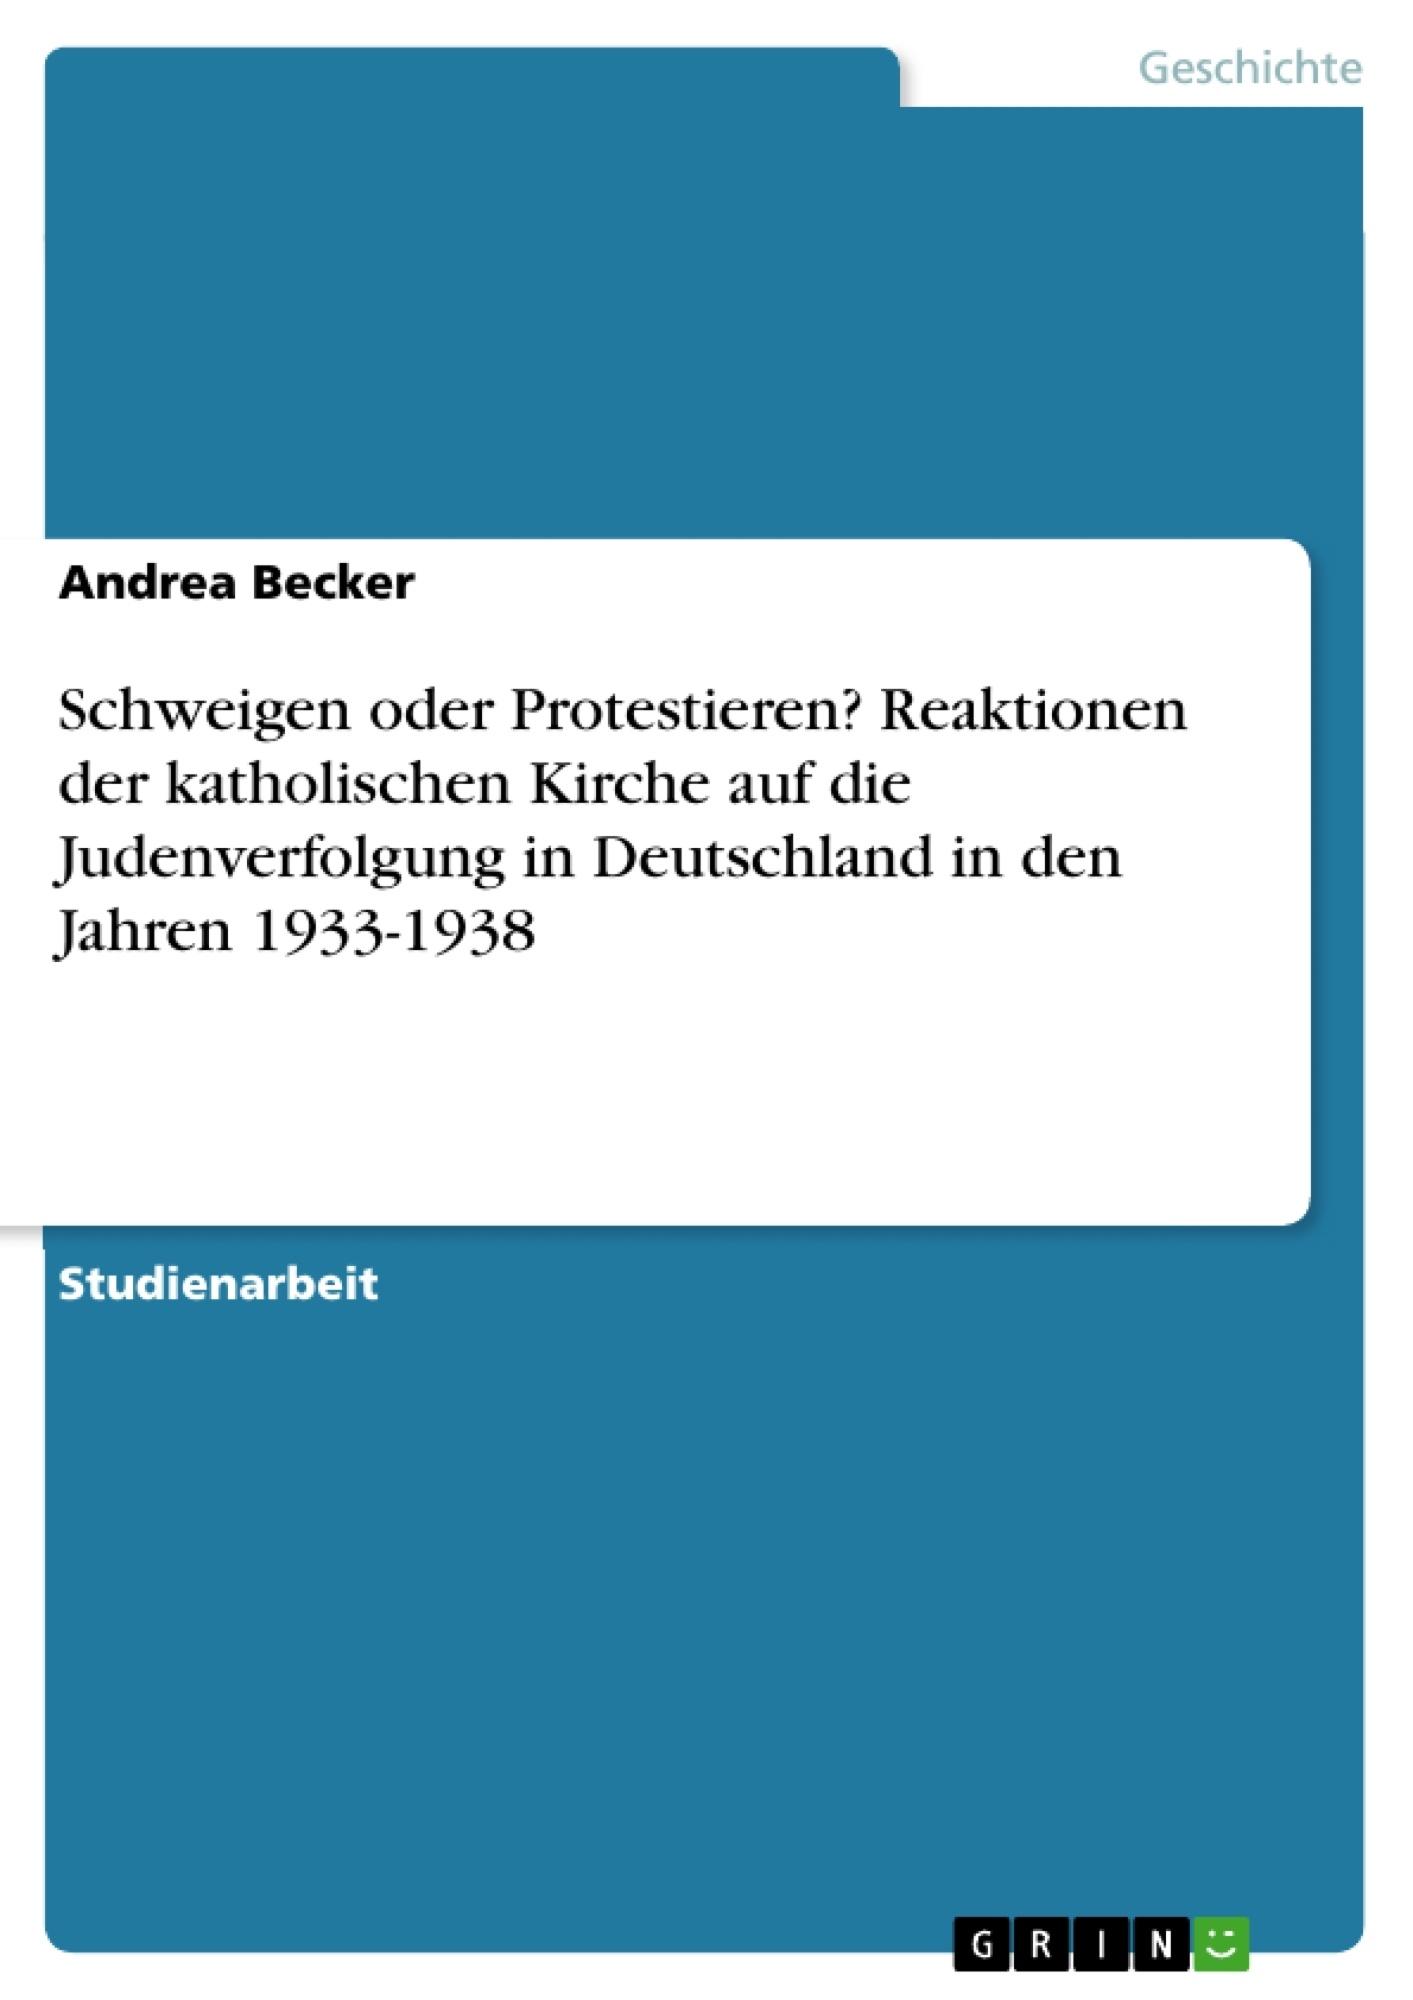 Titel: Schweigen oder Protestieren? Reaktionen der katholischen Kirche auf die Judenverfolgung in Deutschland in den Jahren 1933-1938